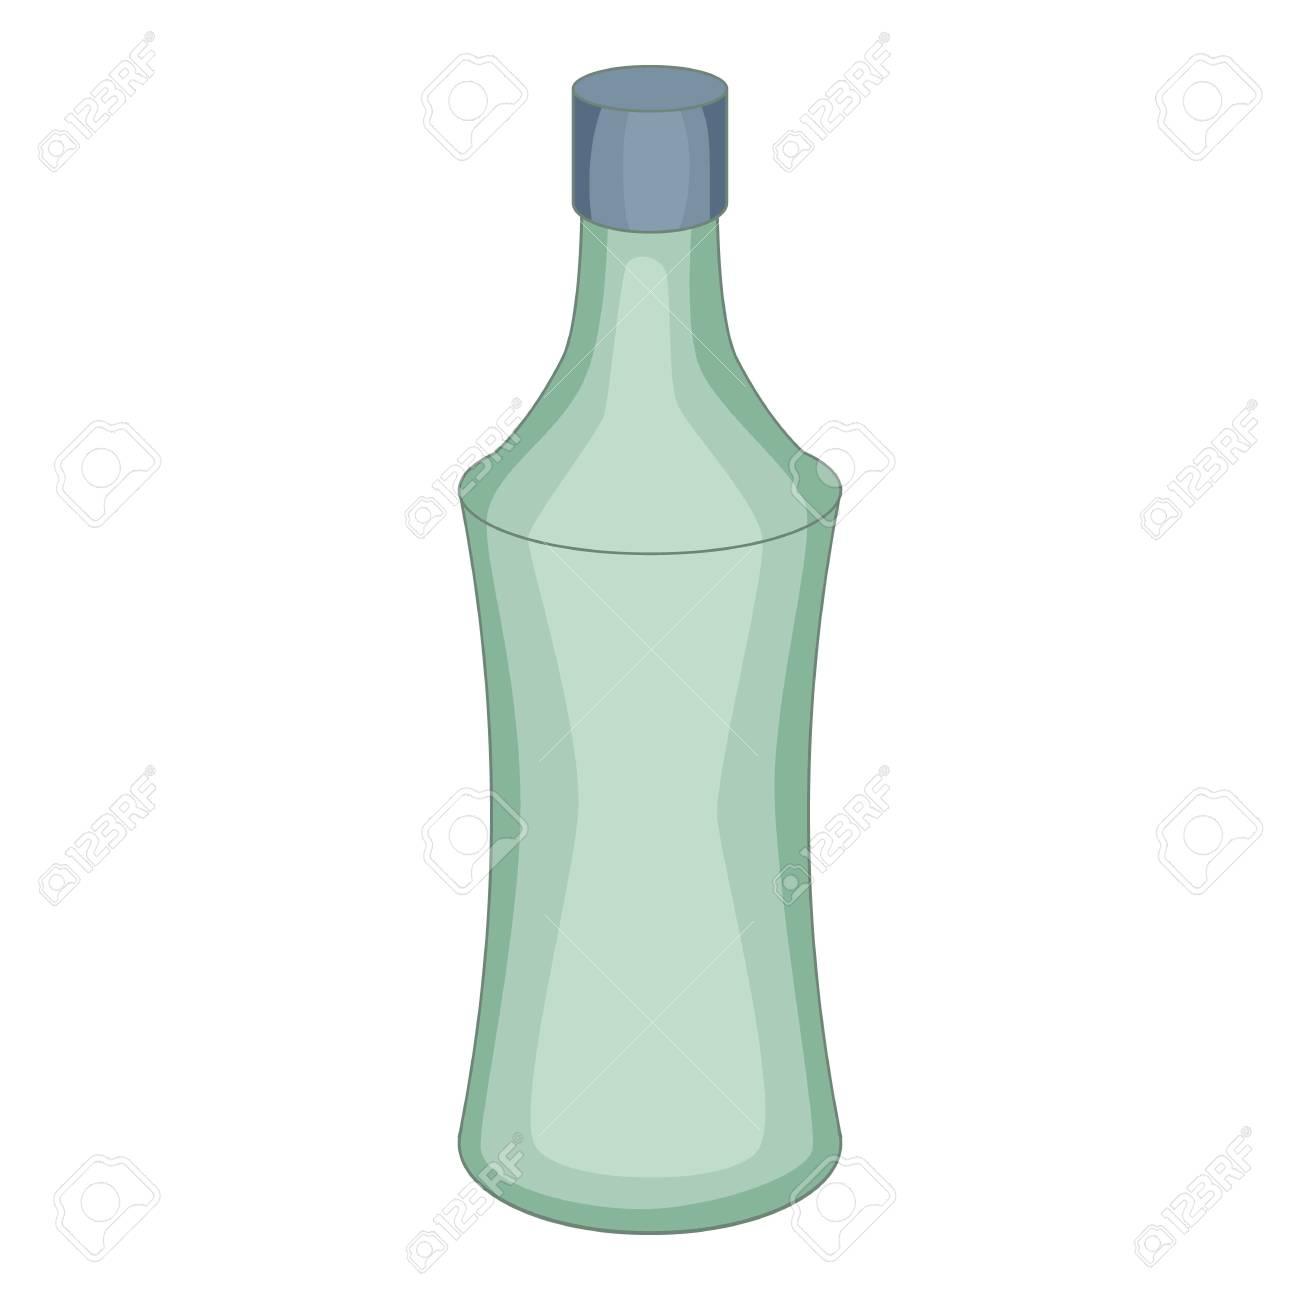 ガラス瓶のアイコンweb デザインのガラス瓶ベクター アイコンの漫画